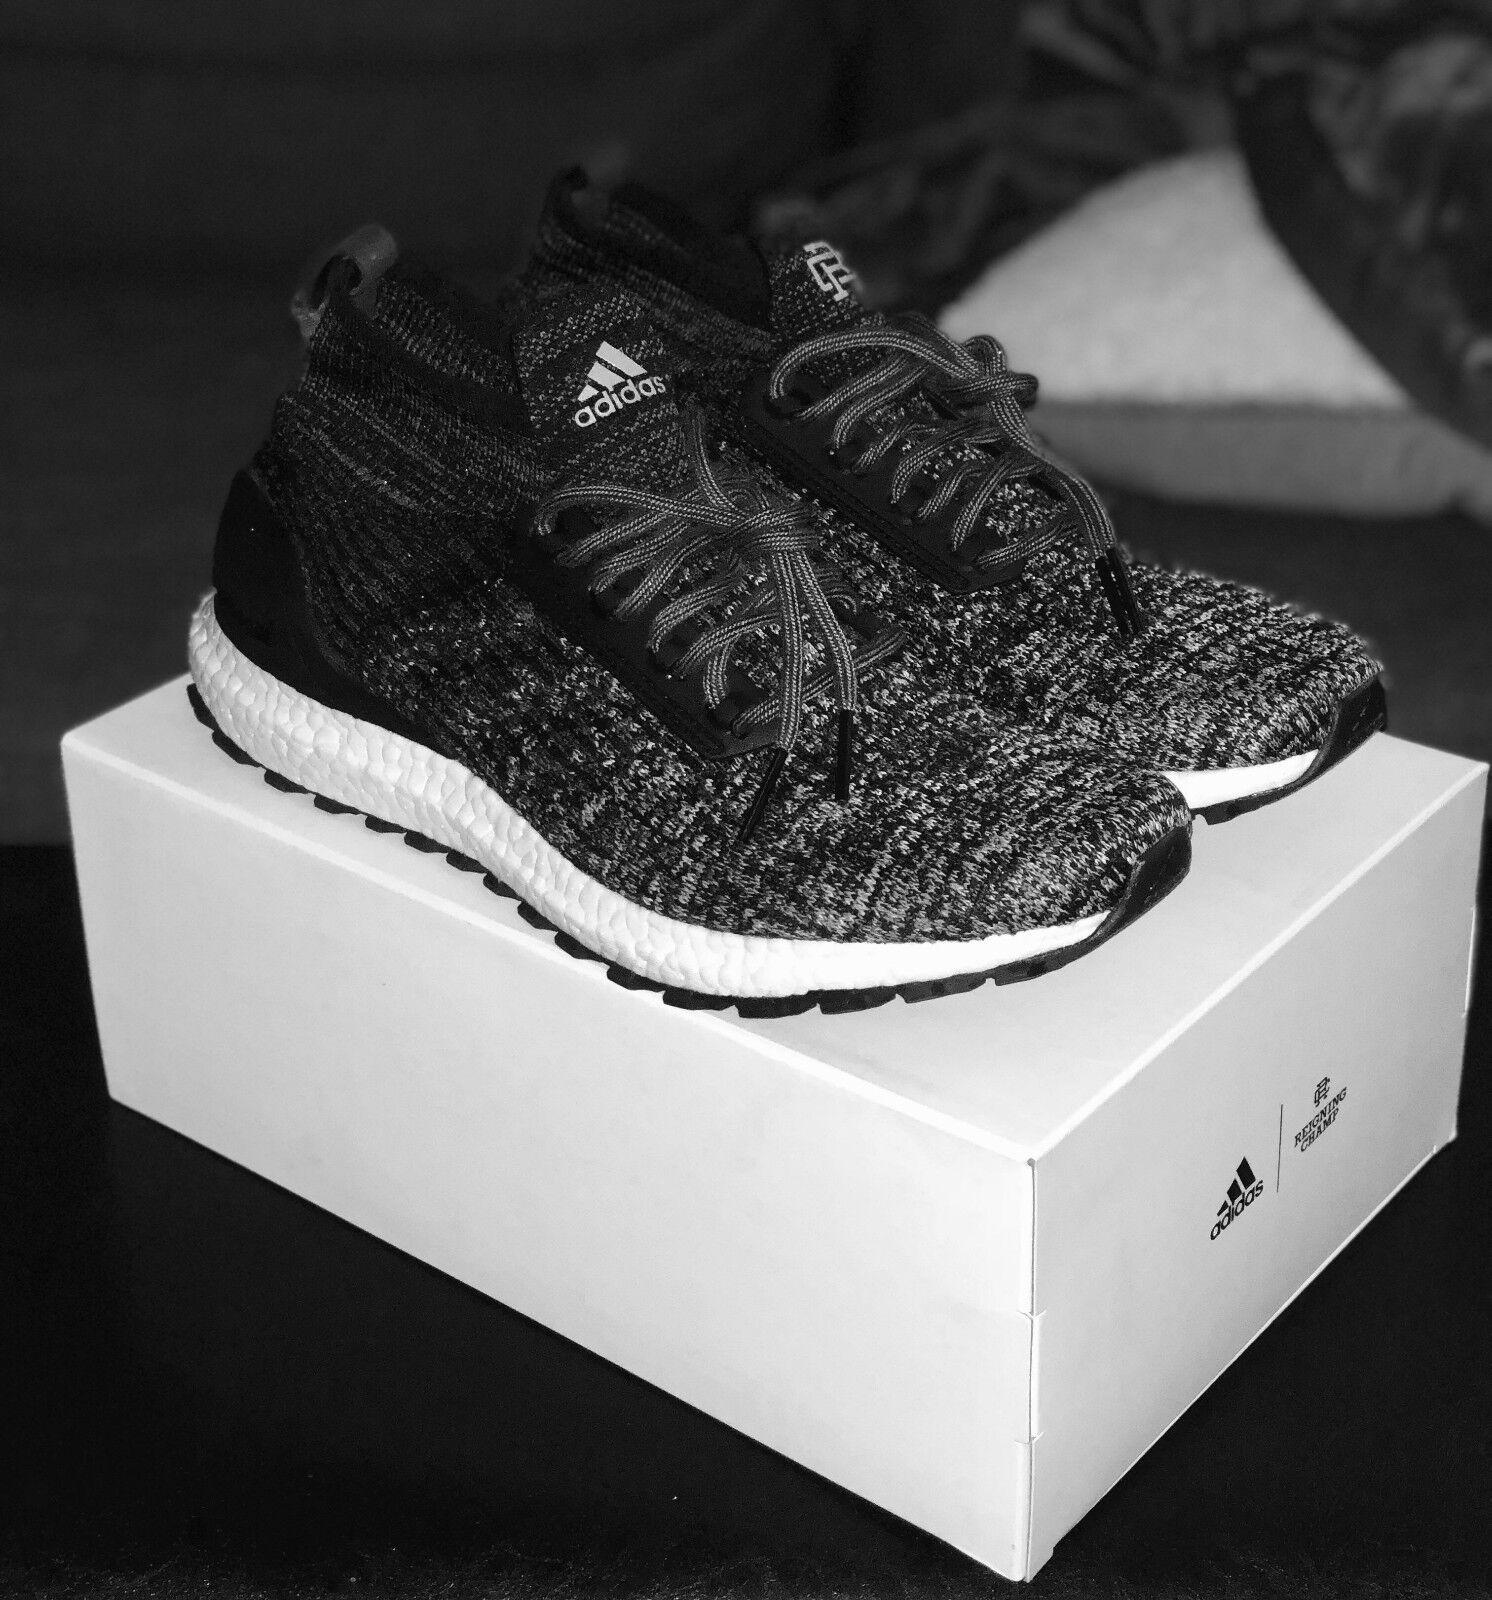 Neue adidas - - - x amtierenden champ männer mitte oreo - db2043 ultraboost atr - förderung e7437e